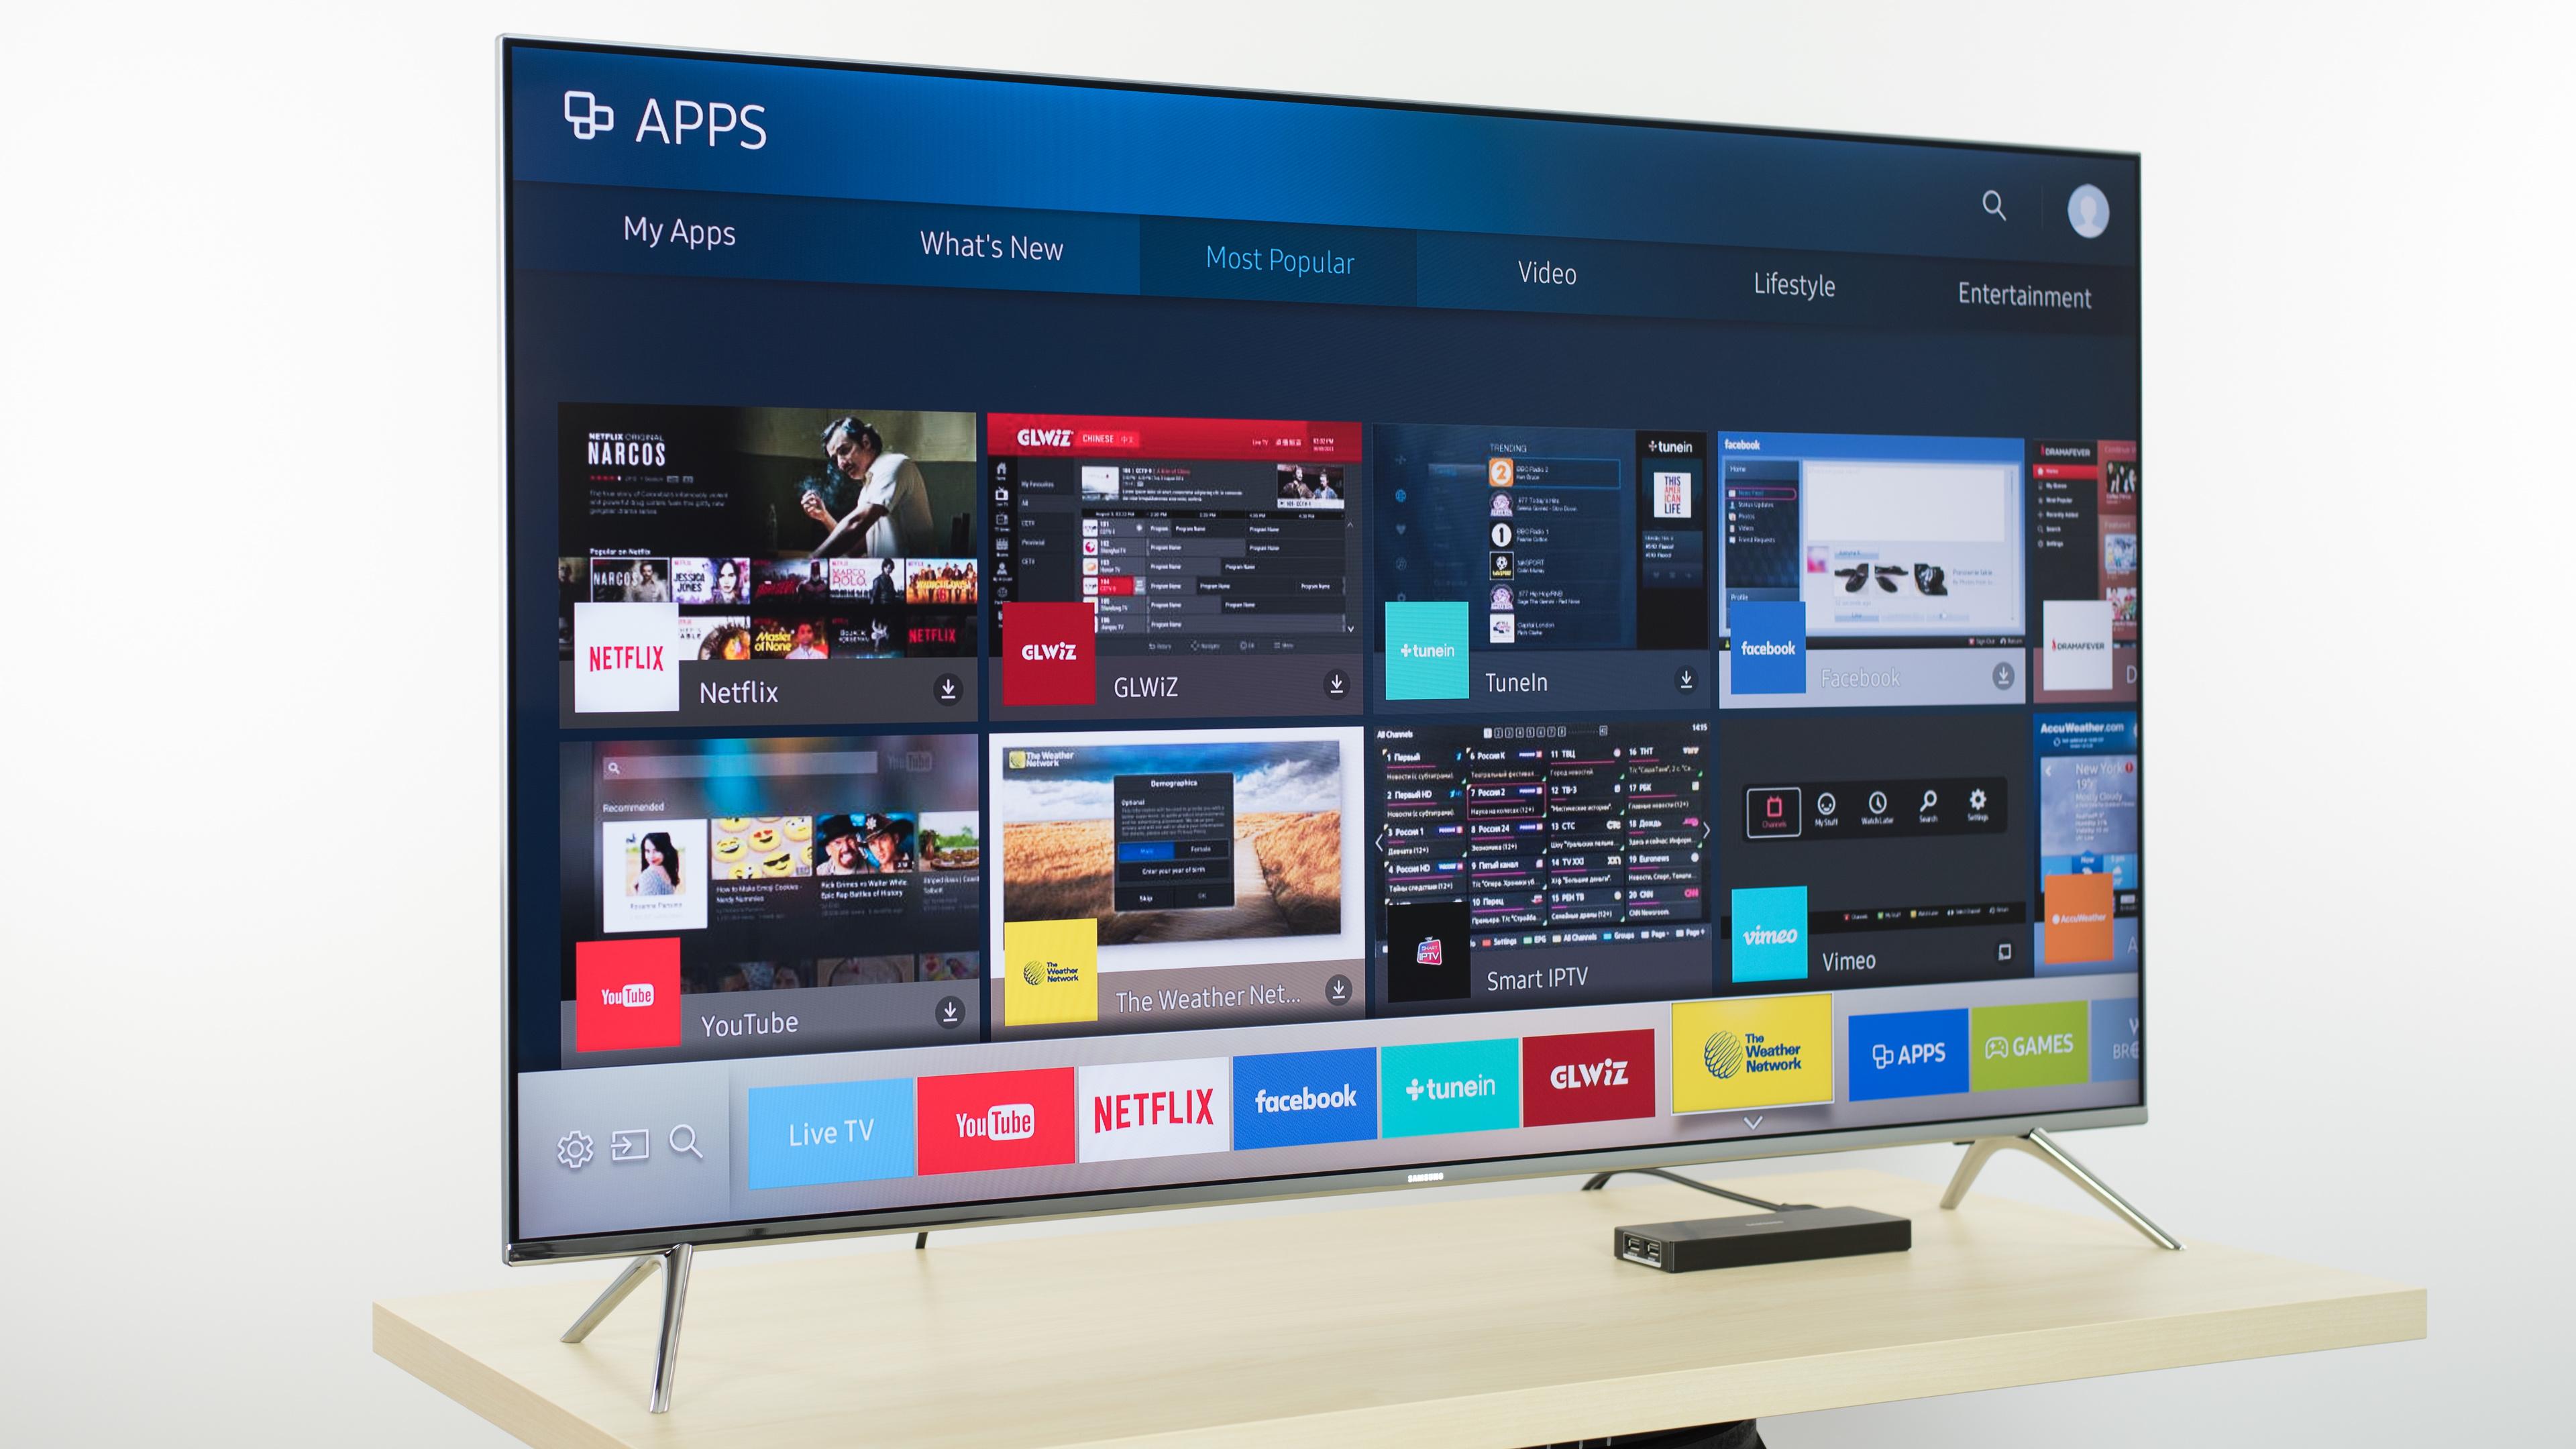 4K OLED TVs